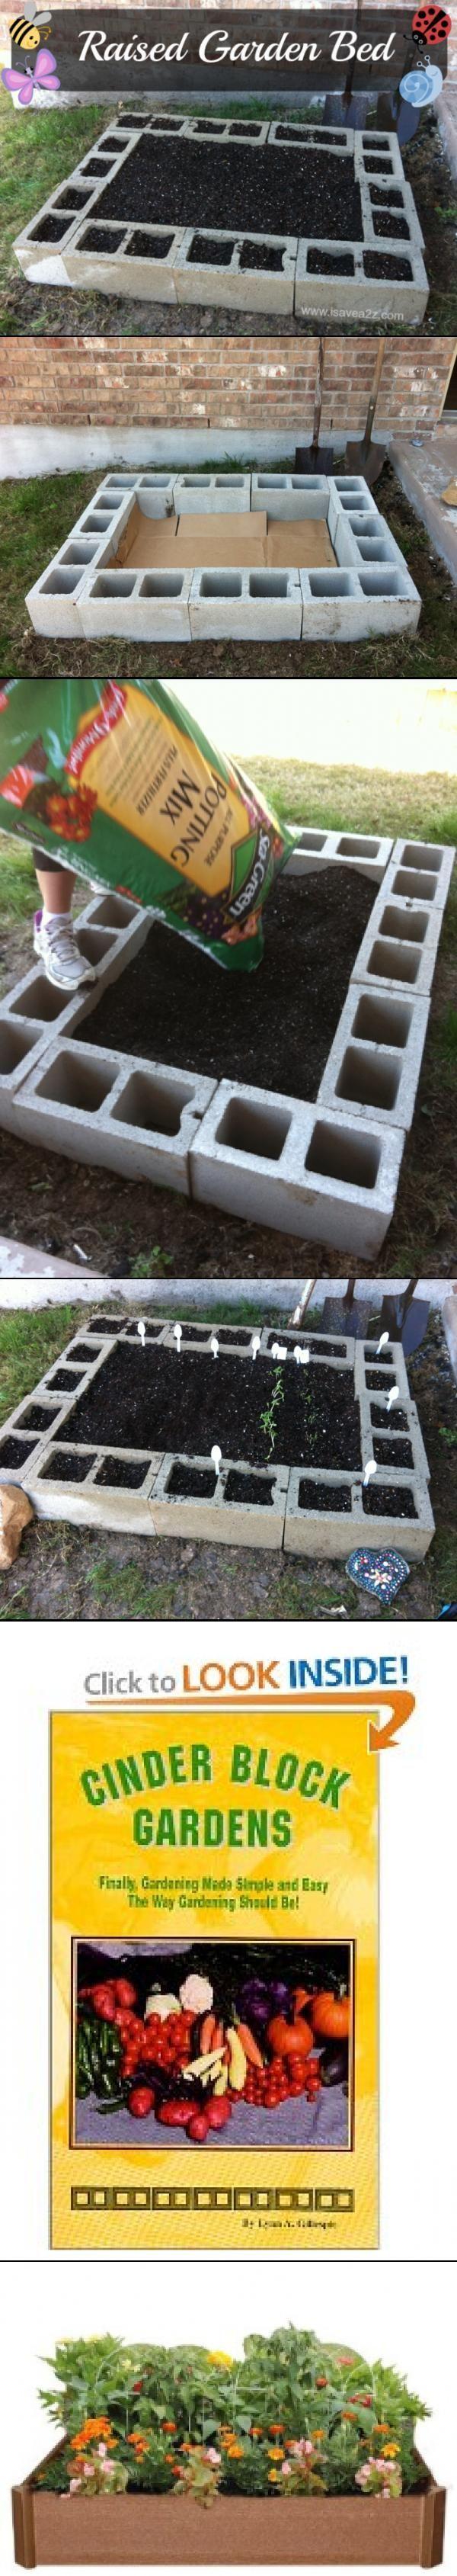 Des idées pour jardiner un peu jardin carré